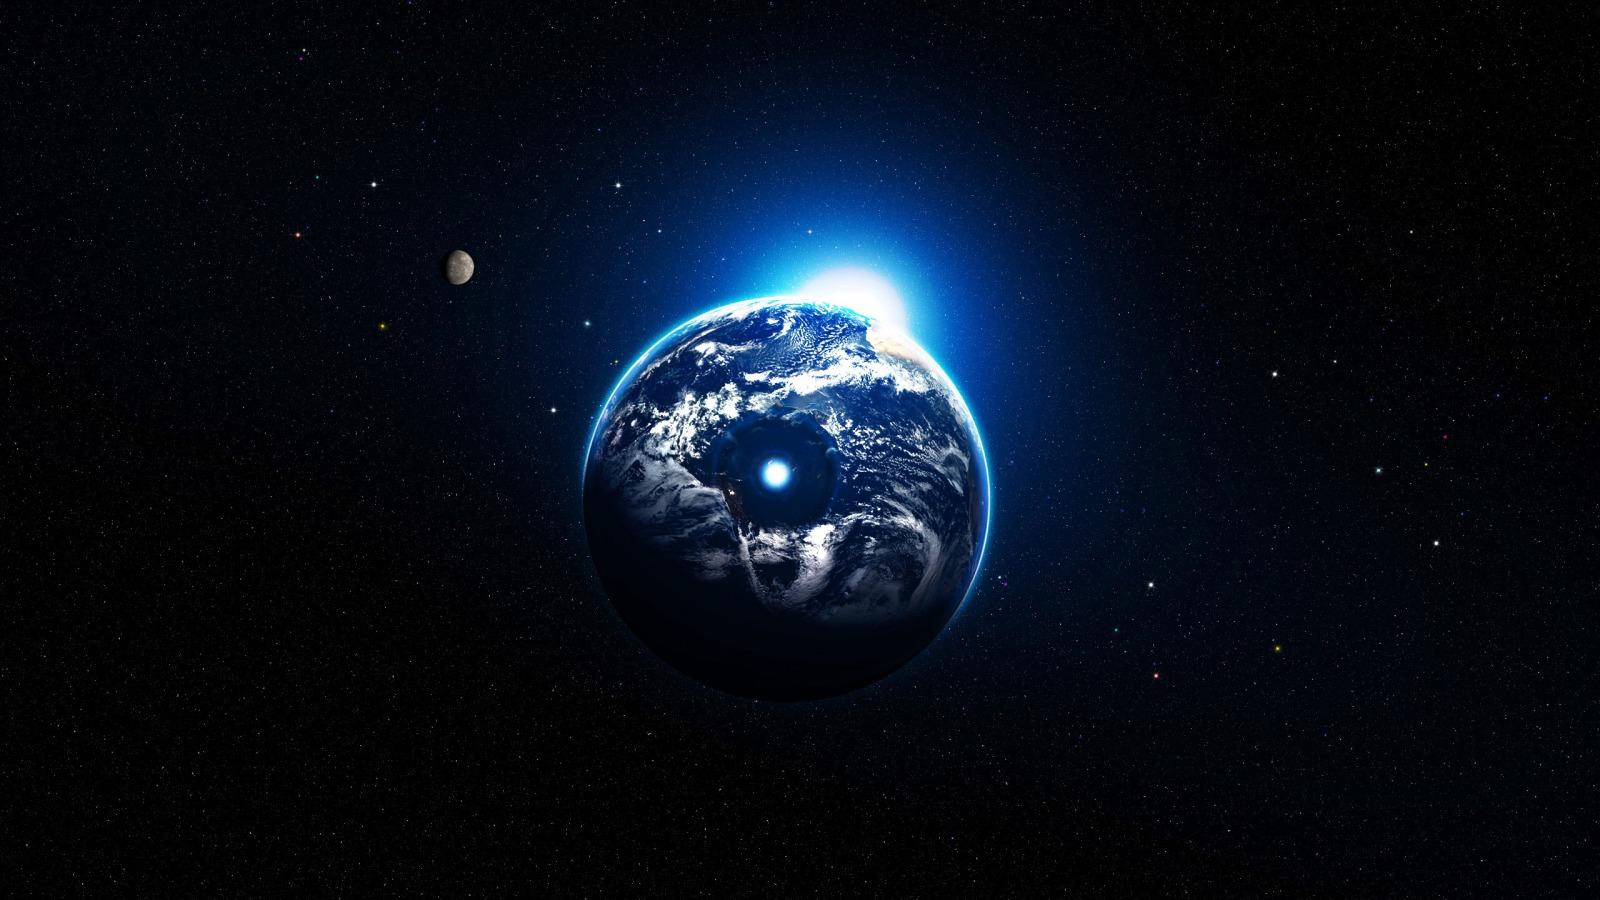 planet wallpaper 23326